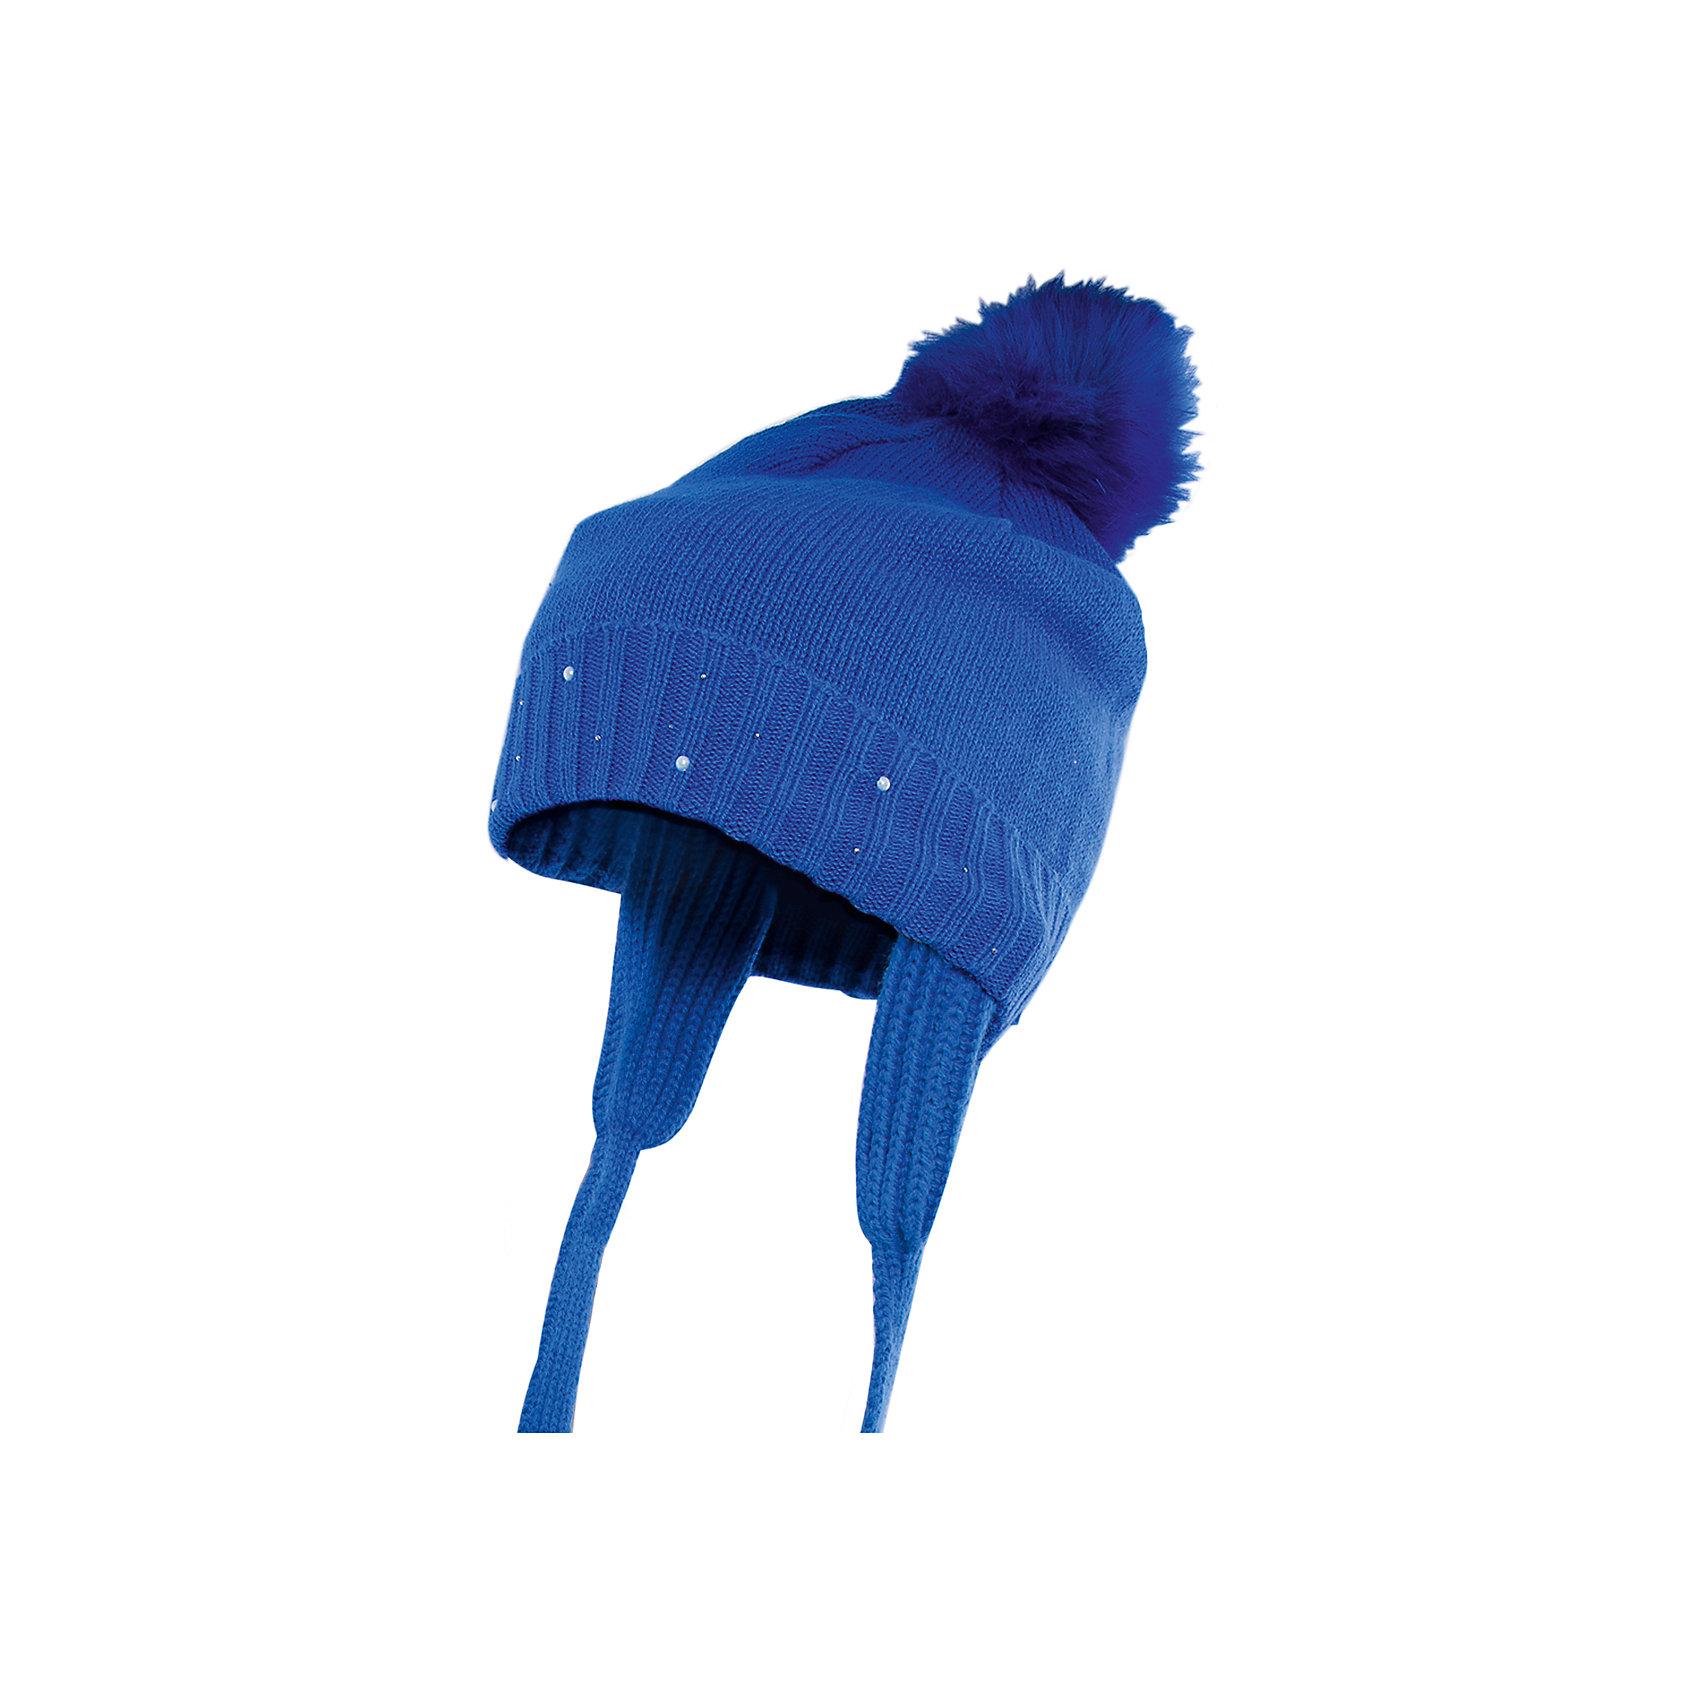 Шапка для девочки PlayTodayДемисезонные<br>Шапка для девочки от известного бренда PlayToday.<br>Теплая вязаная шапочка на завязках. Яркий цвет поднимет настроение в холодную погоду. Украшена меховым помпоном и сверкающими стразами.<br>Состав:<br>Верх: 60% хлопок, 40% акрил Подкладка: 100% полиэстер<br><br>Ширина мм: 89<br>Глубина мм: 117<br>Высота мм: 44<br>Вес г: 155<br>Цвет: синий<br>Возраст от месяцев: 24<br>Возраст до месяцев: 36<br>Пол: Женский<br>Возраст: Детский<br>Размер: 50,52,54<br>SKU: 4898436